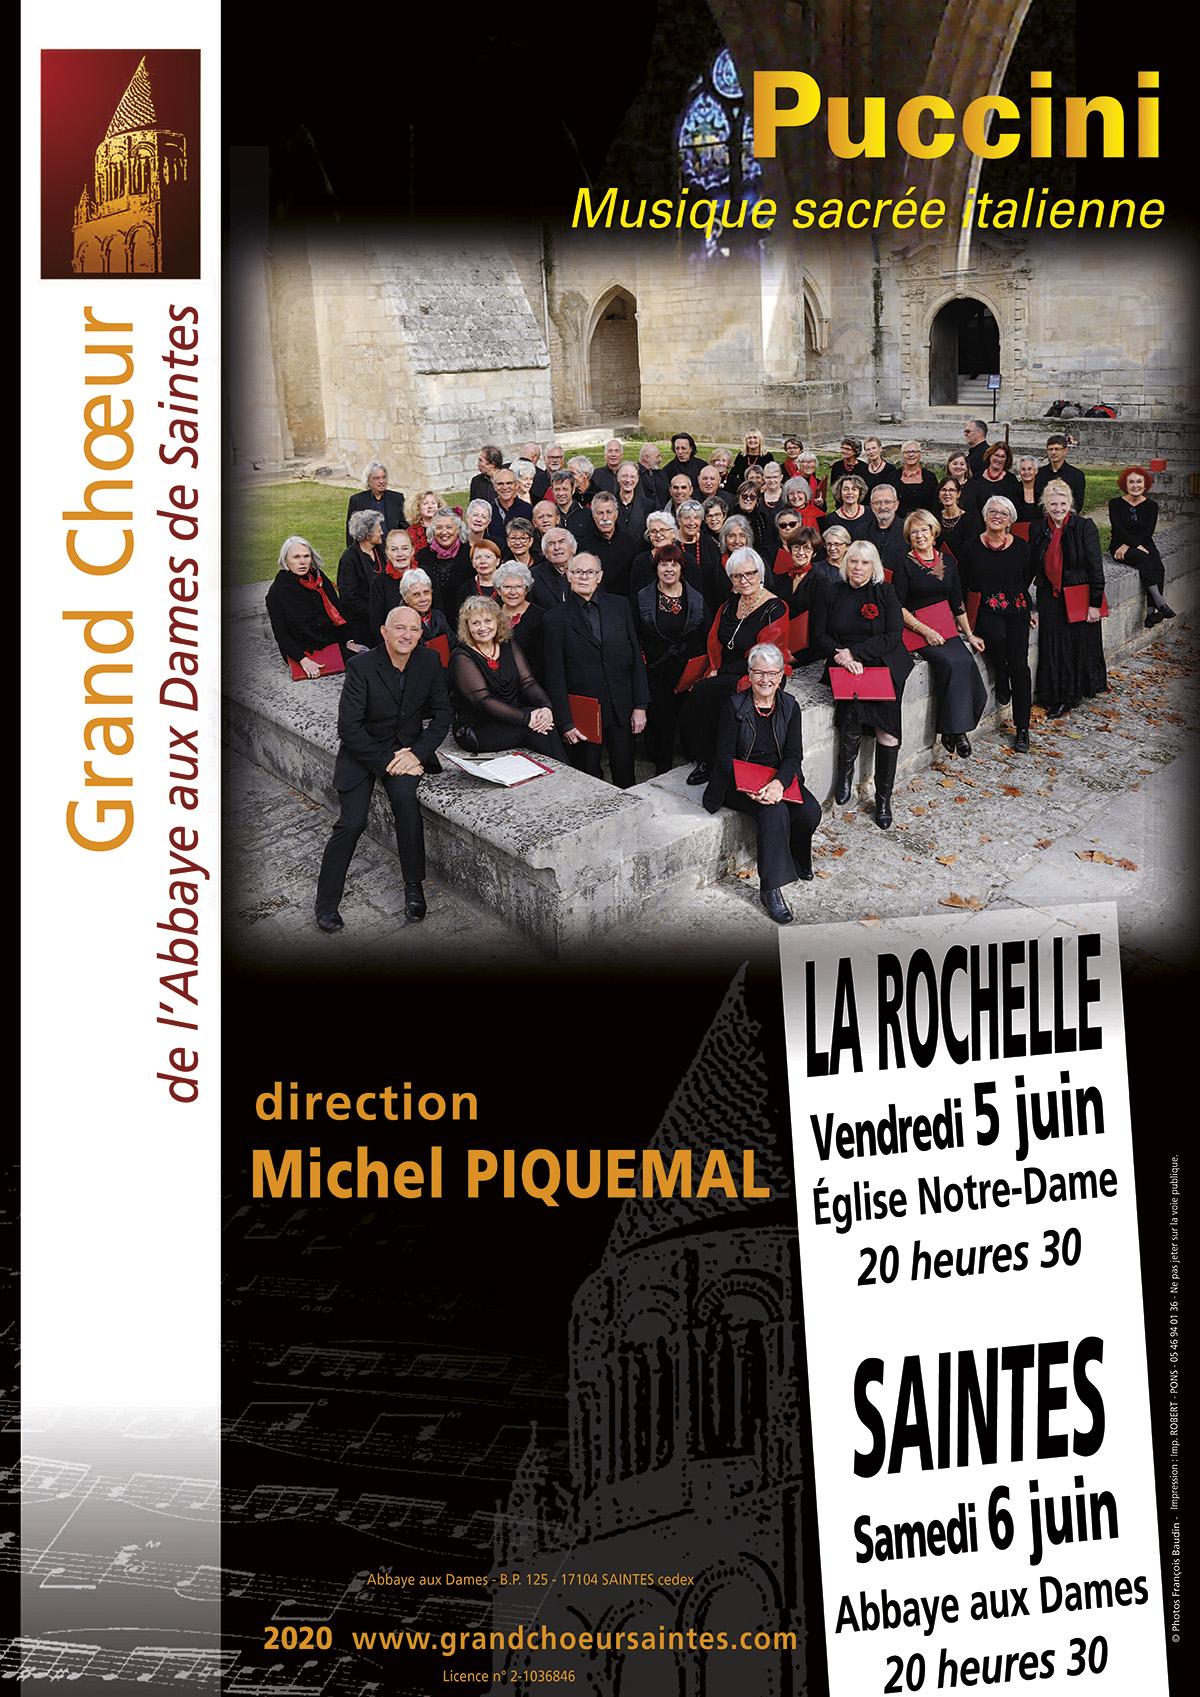 Grand Choeur Abbaye aux Dames Saintes- Concert Saintes La Rochelle Juin 2020